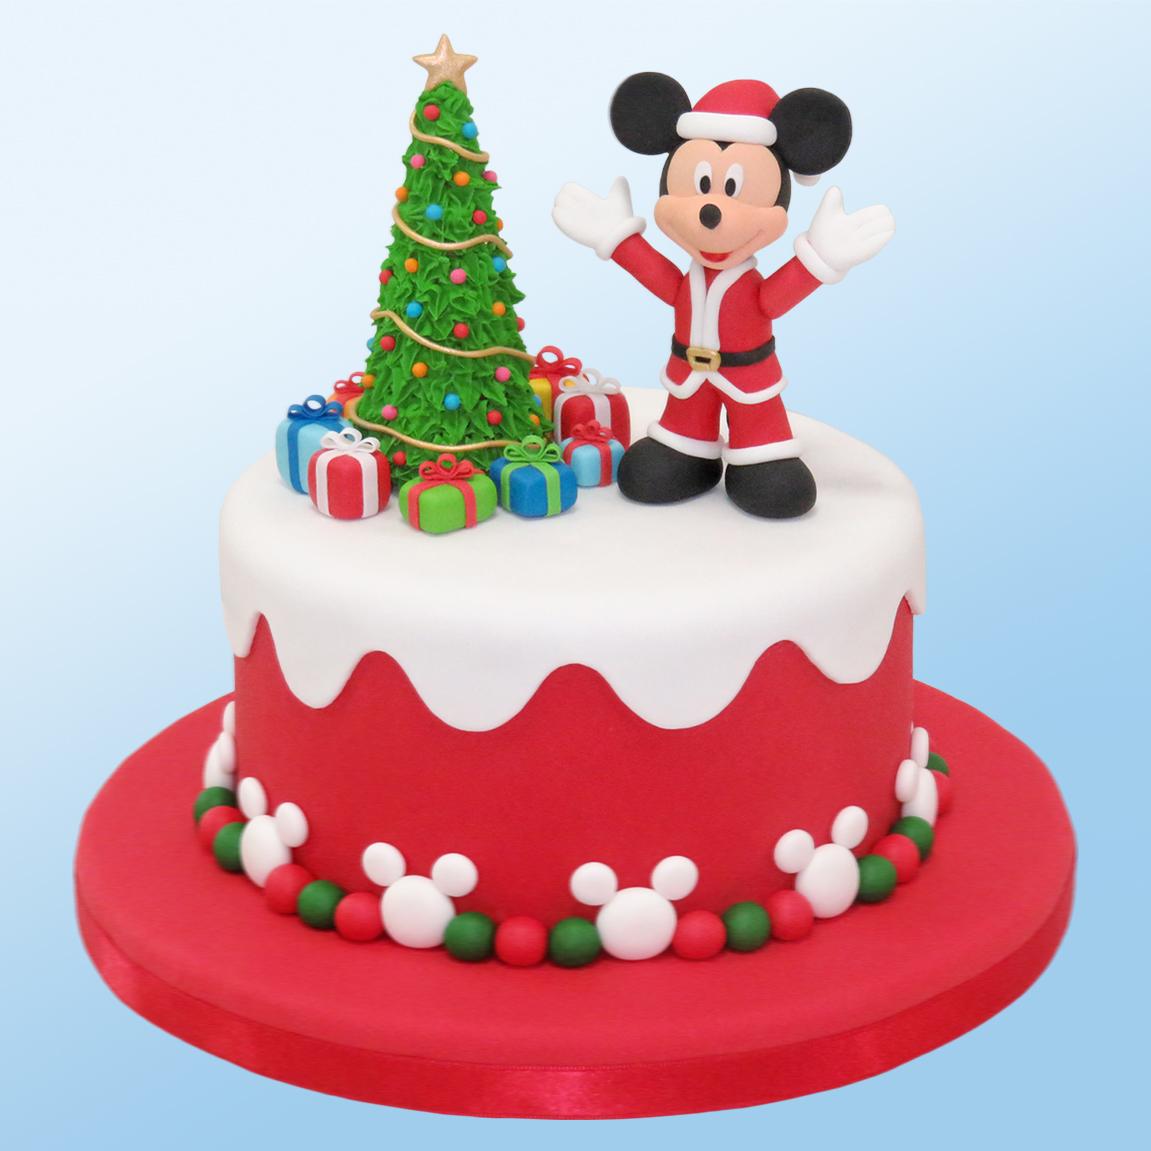 Kaomi Tutoriales Cómo Hacer A Mickey Para Decorar Una Torta De Navidad Mickey Mouse Christmas Cake Decorating